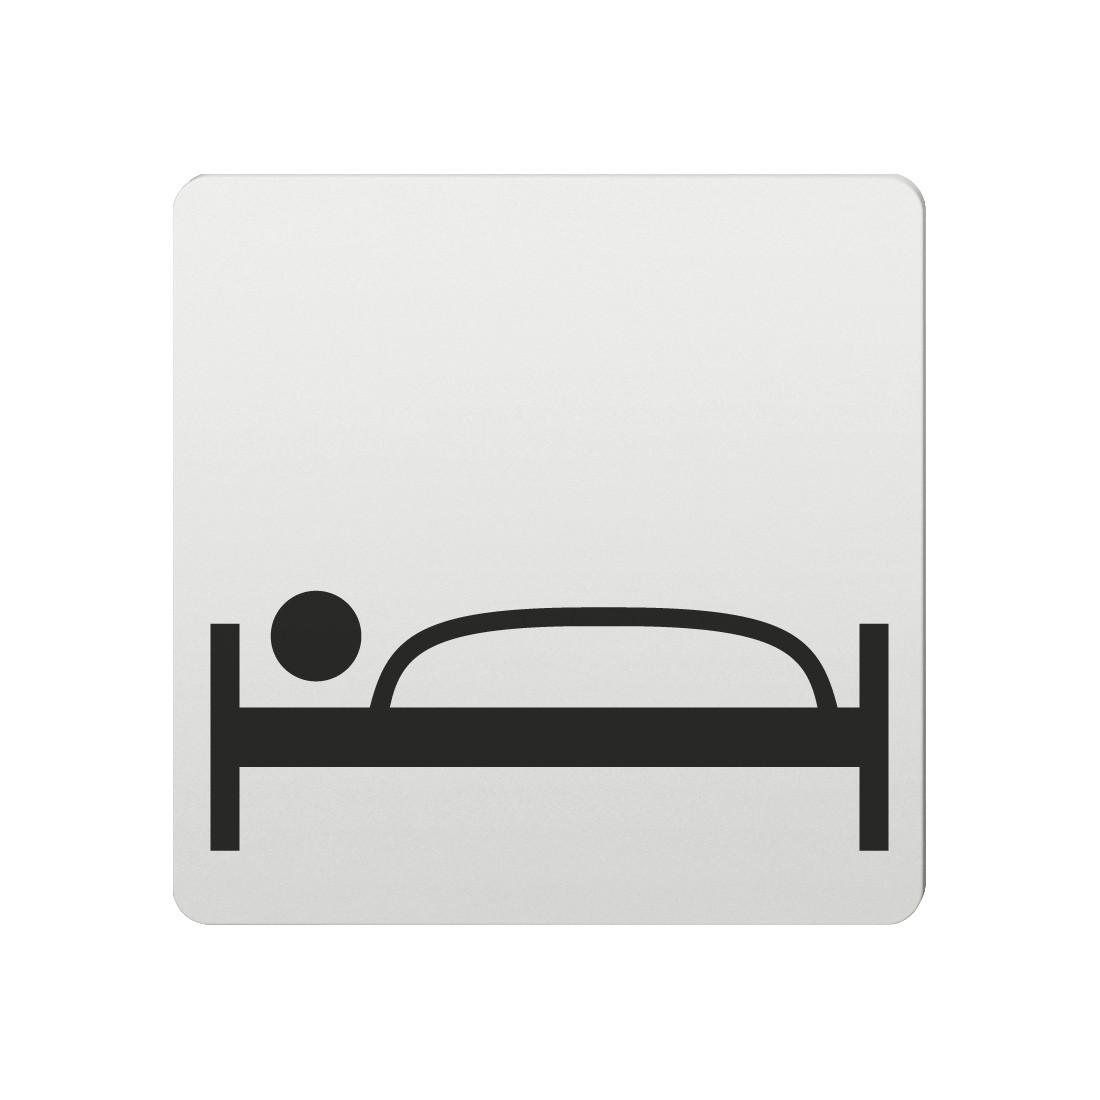 FSB Hinweiszeichen Hotel Lasergraviert Aluminium naturfarbig (0 36 4059 00300 0105)